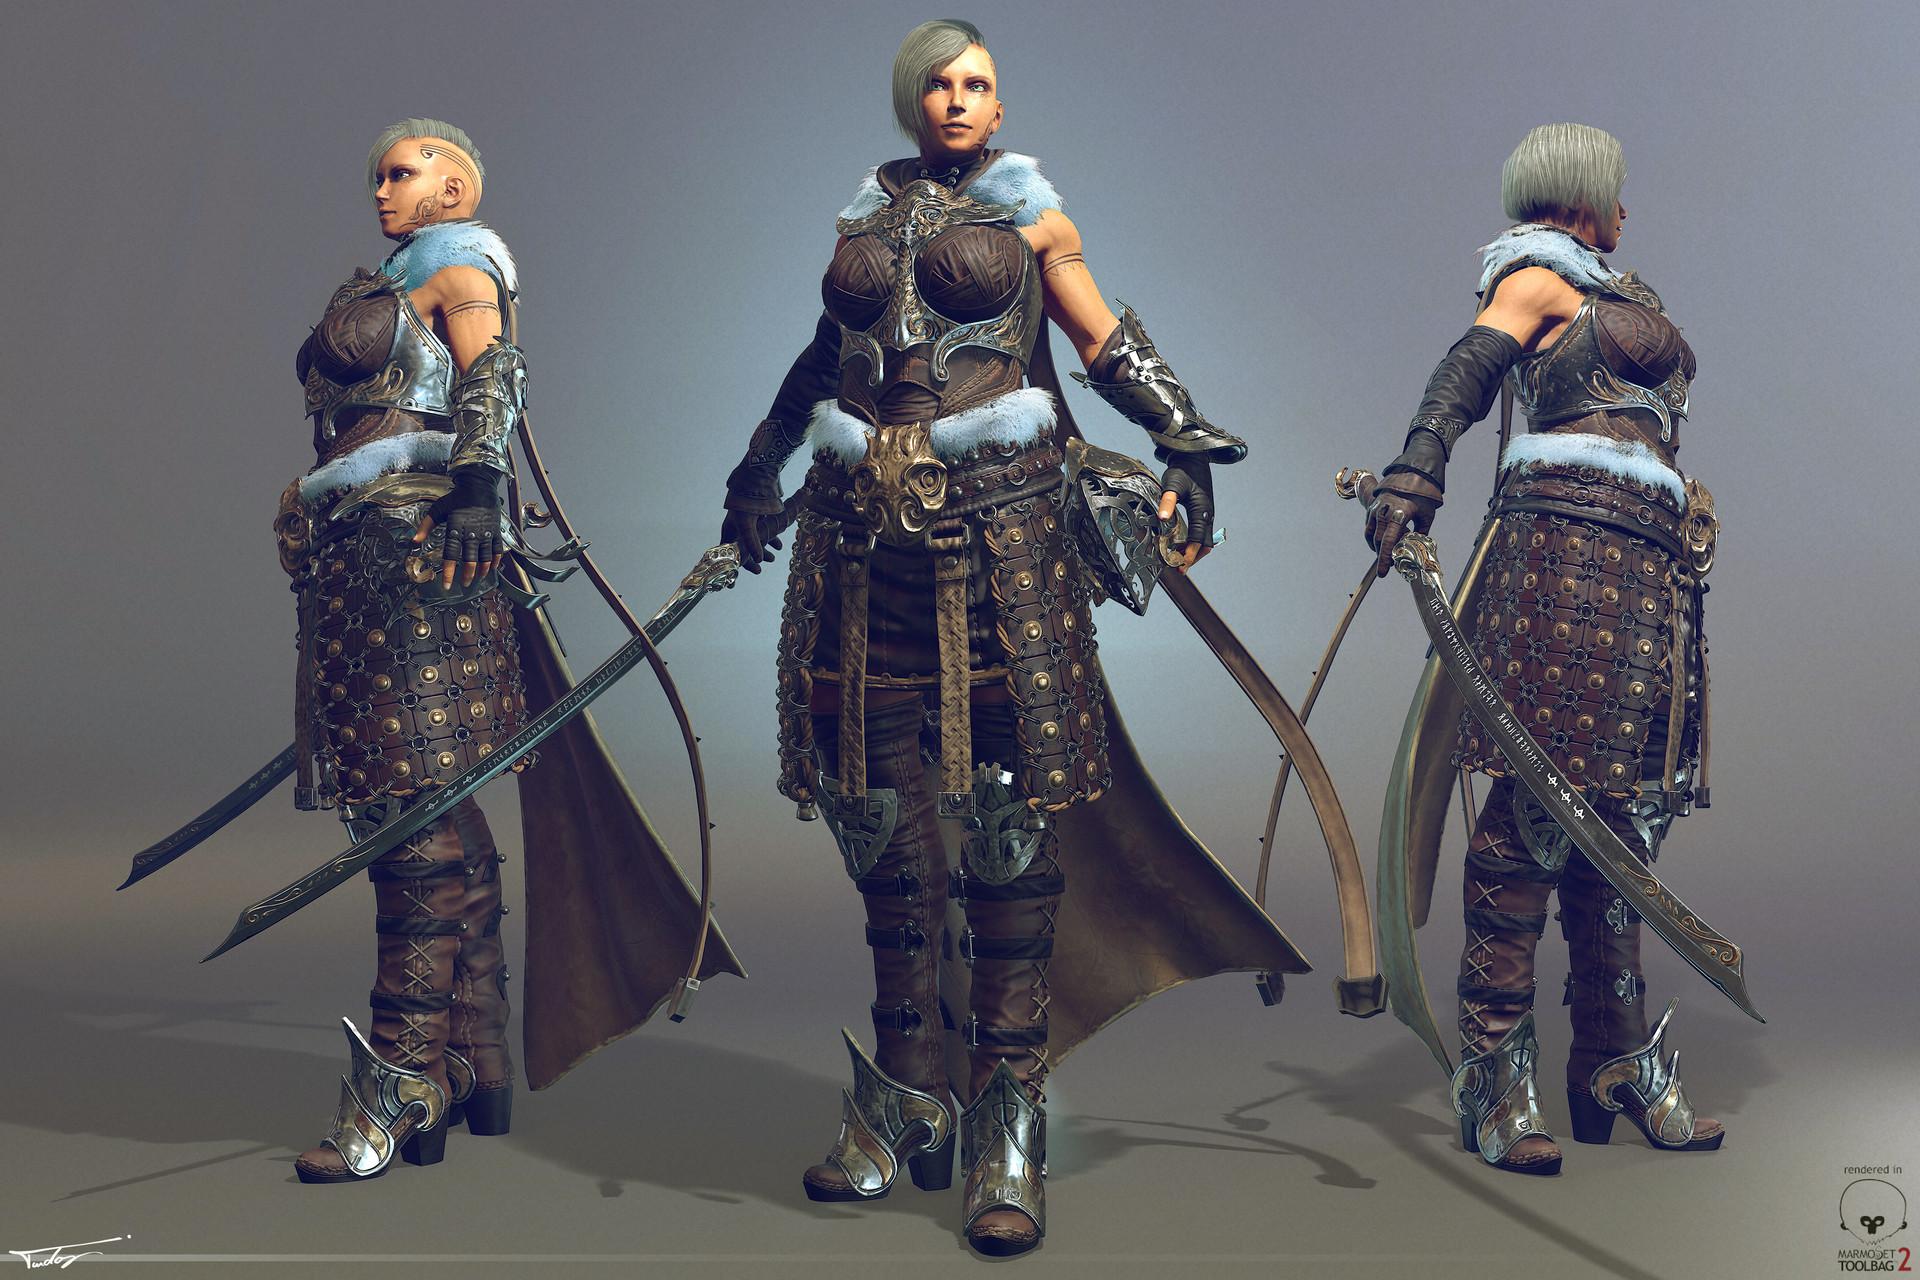 Female warrior aomi